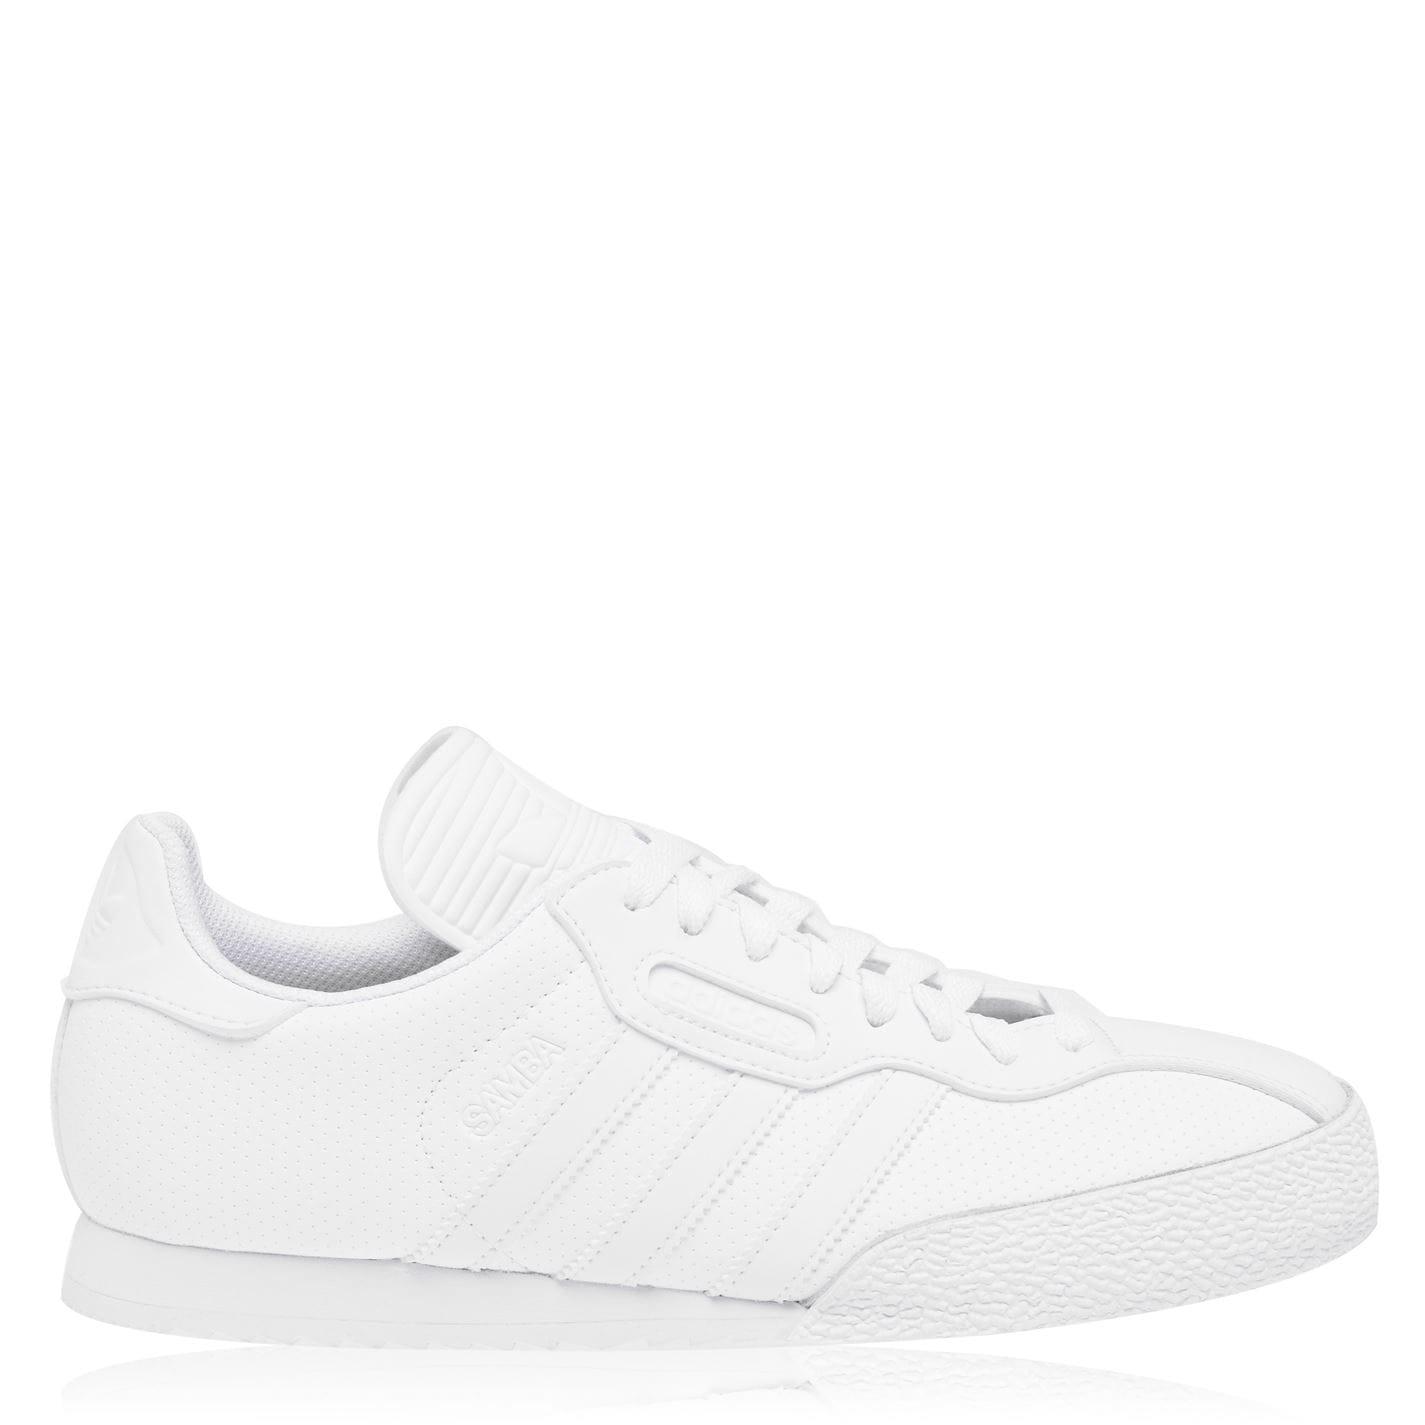 Mergi la Adidasi sport adidas Samba Super pentru Barbati alb